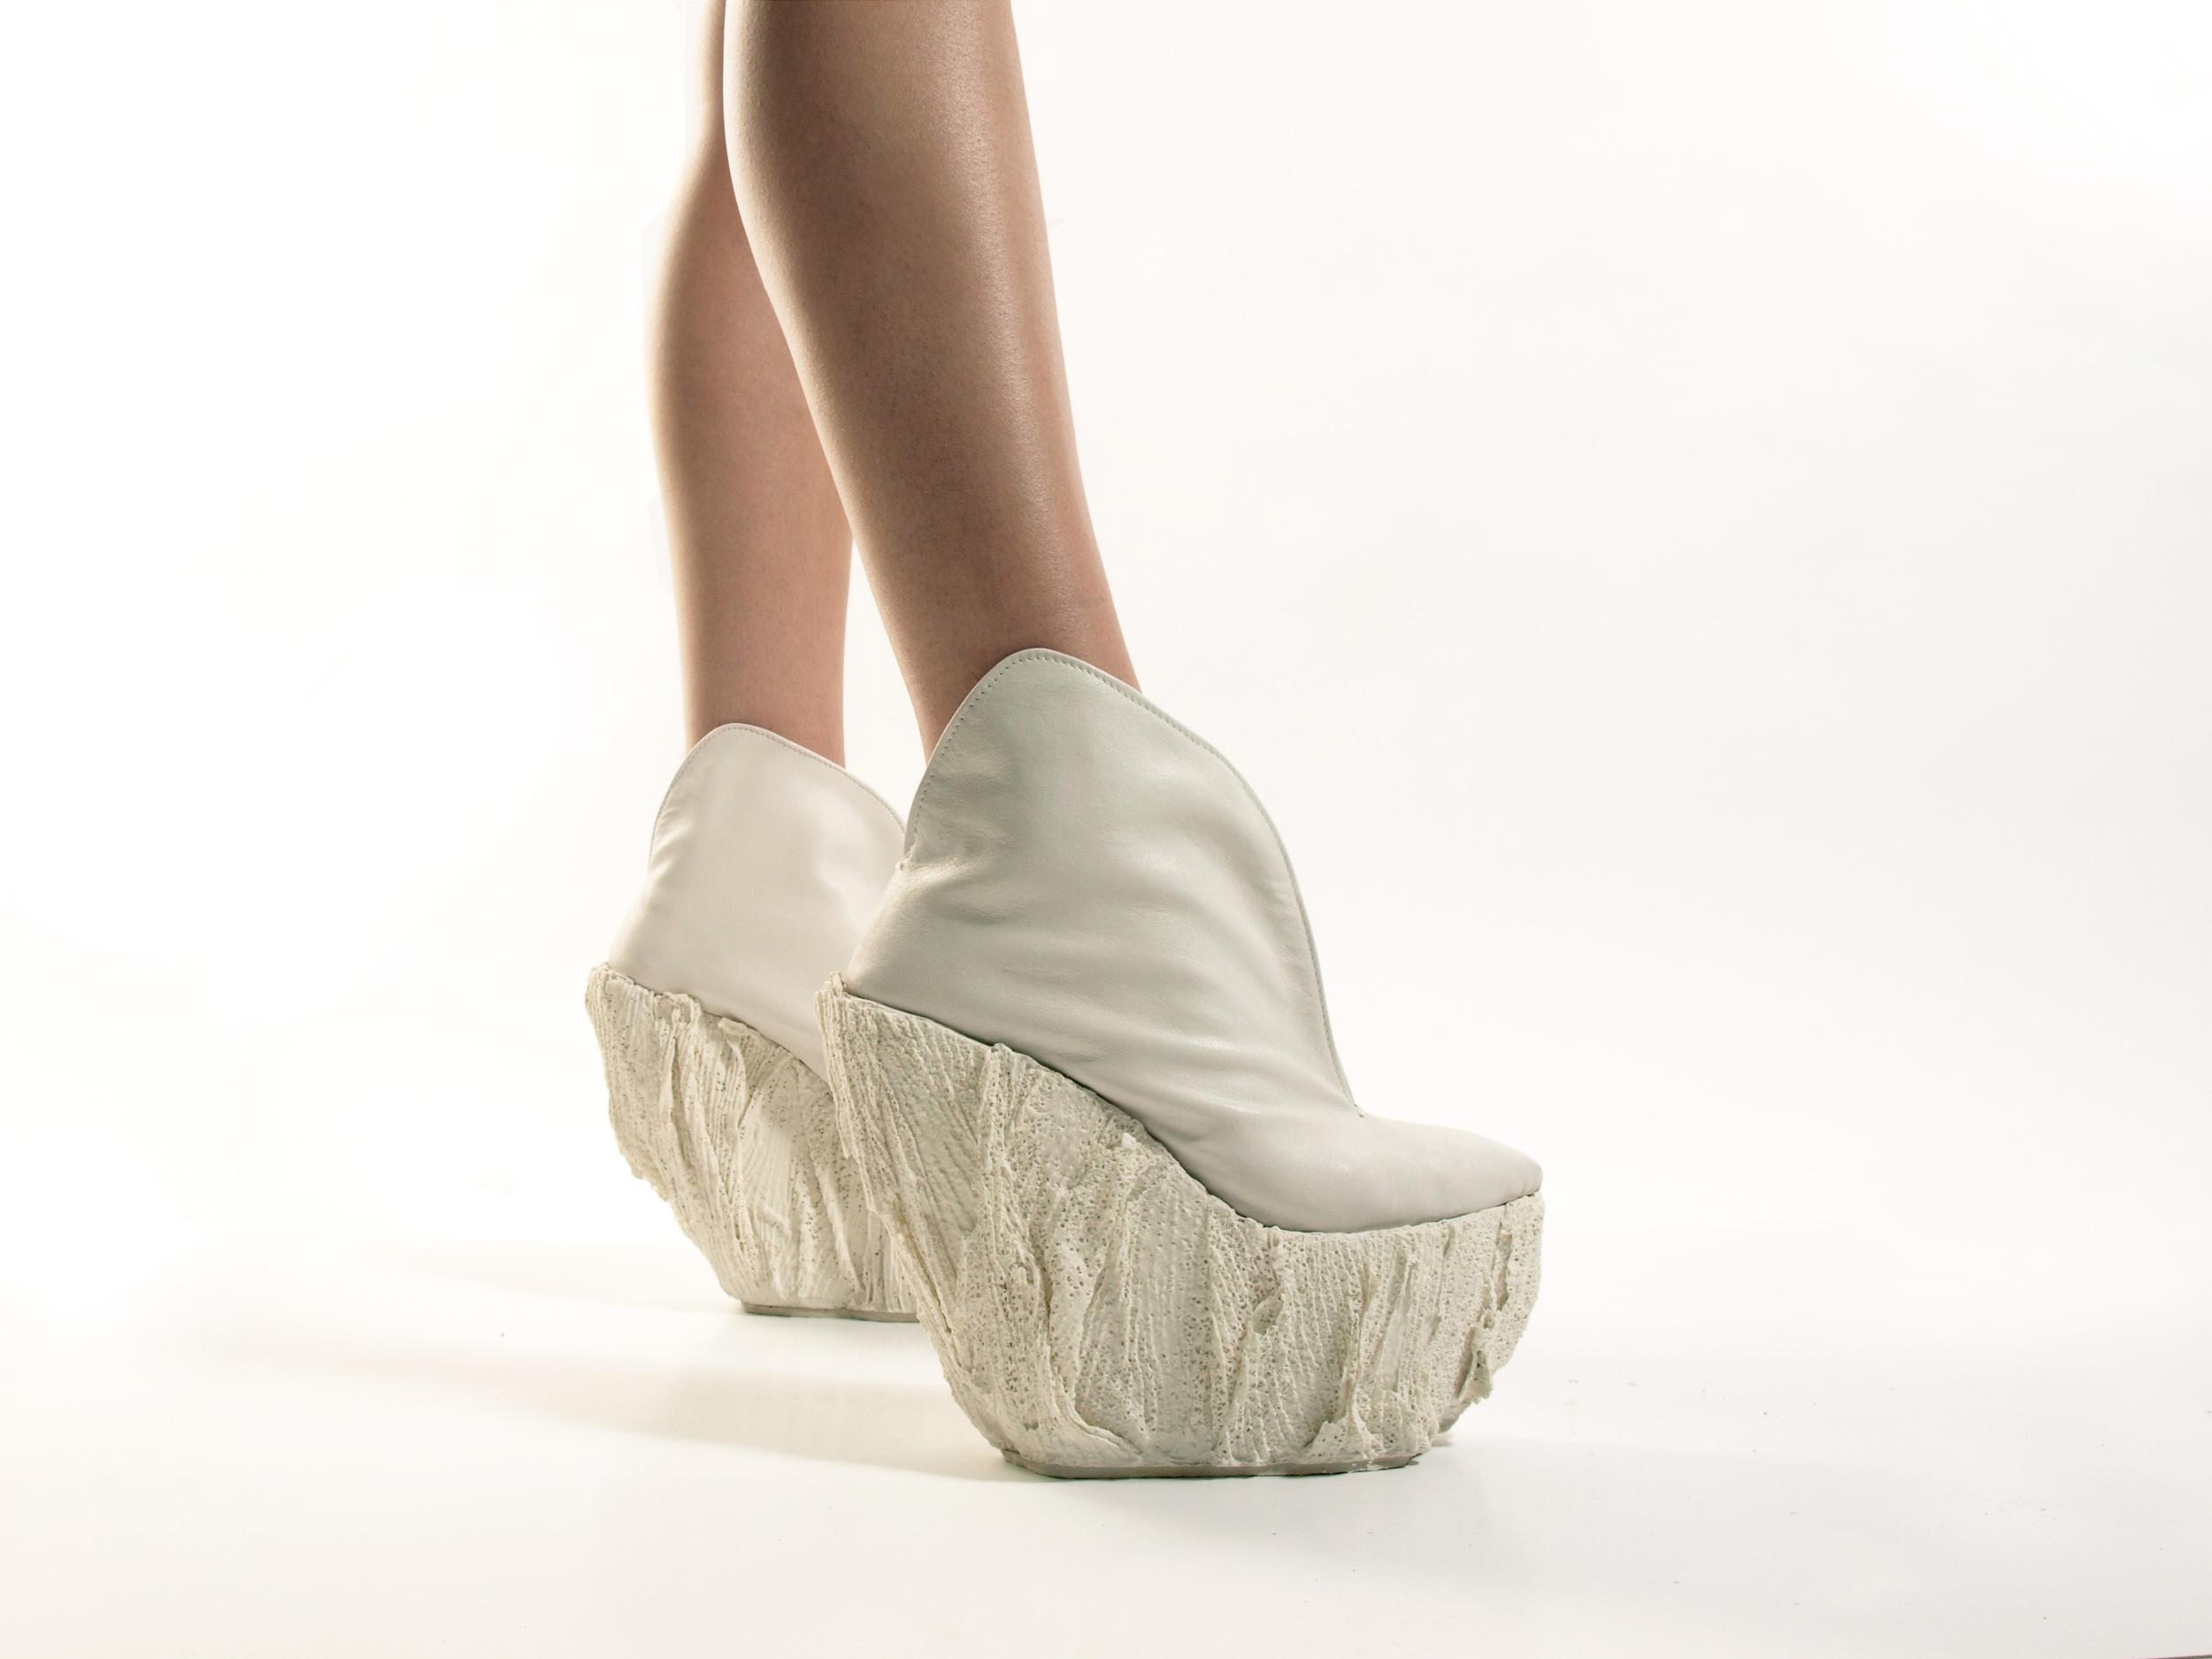 porcelain shoes 6.jpg